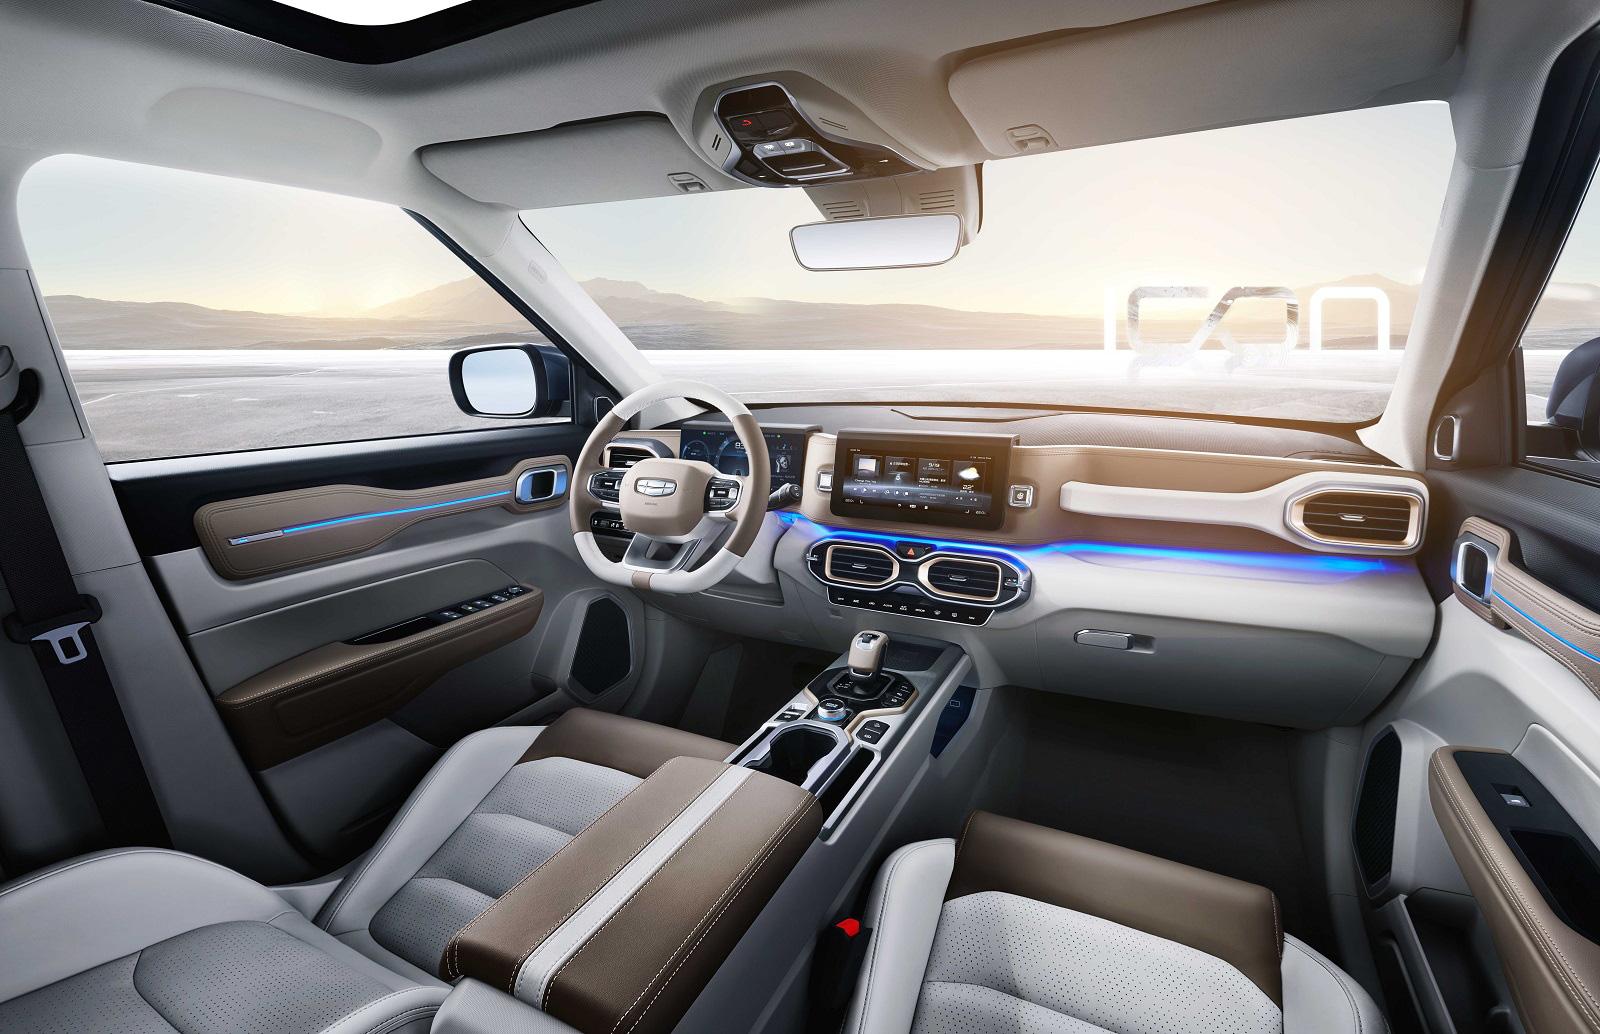 Hãng xe Trung Quốc Geely mở bán SUV Icon đẹp như Volvo, bảo vệ người dùng khỏi Corona, giá rẻ bèo từ 16.500 USD - Ảnh 6.